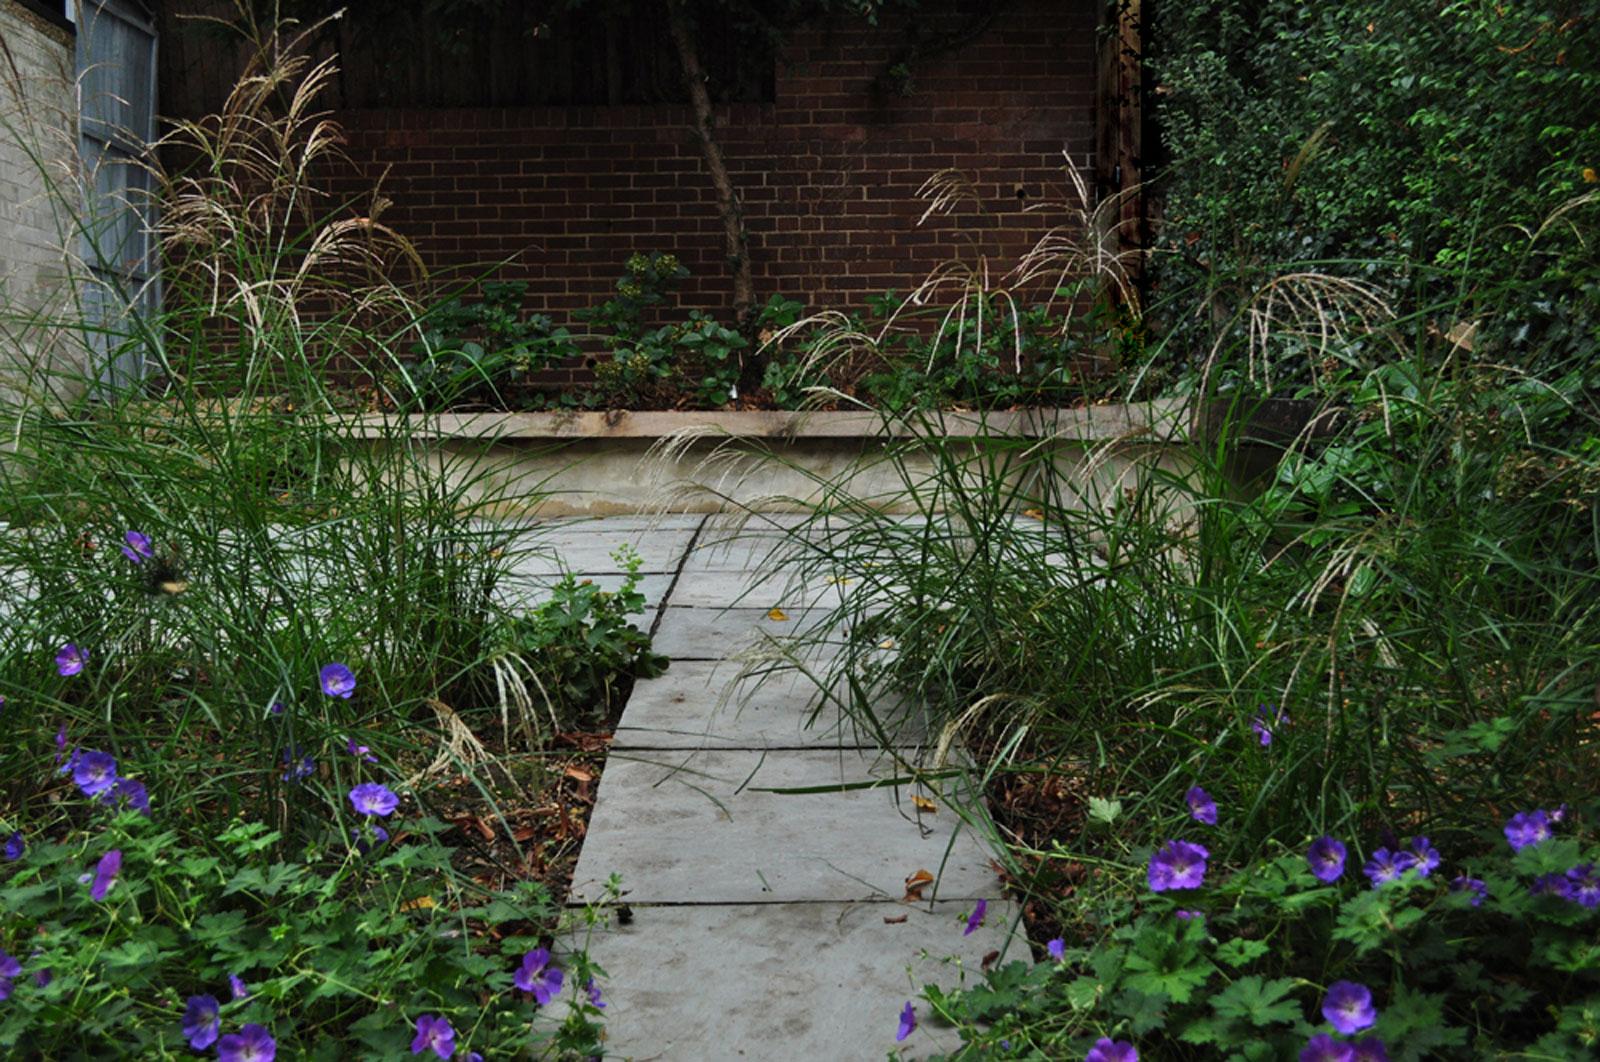 hydrangea macrophylla, Miscanthus sinensis, alchemilla mollis, geranium rozanne, sandstone paving, retaining wall, small garden, urban garden, contemporary garden design, modern garden design